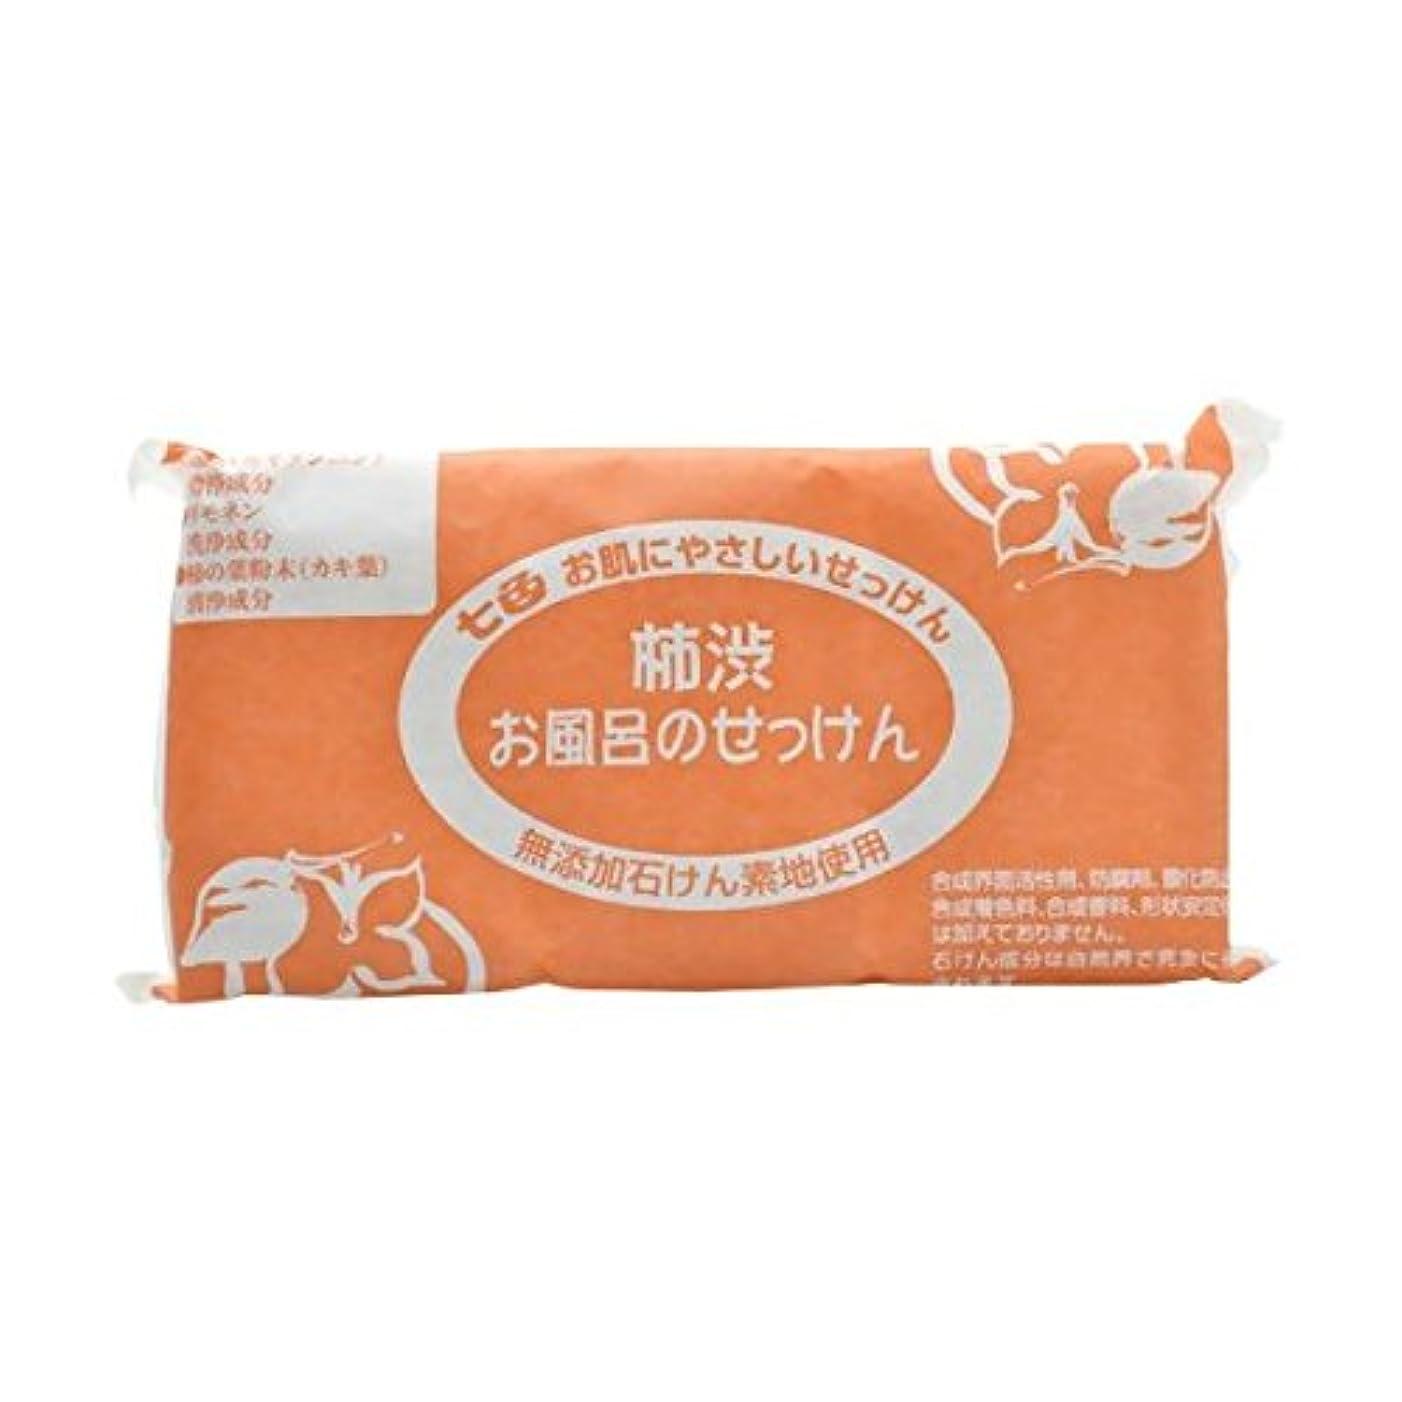 フォアマン堀許可(まとめ買い)七色 お風呂のせっけん 柿渋(無添加石鹸) 100g×3個入×9セット